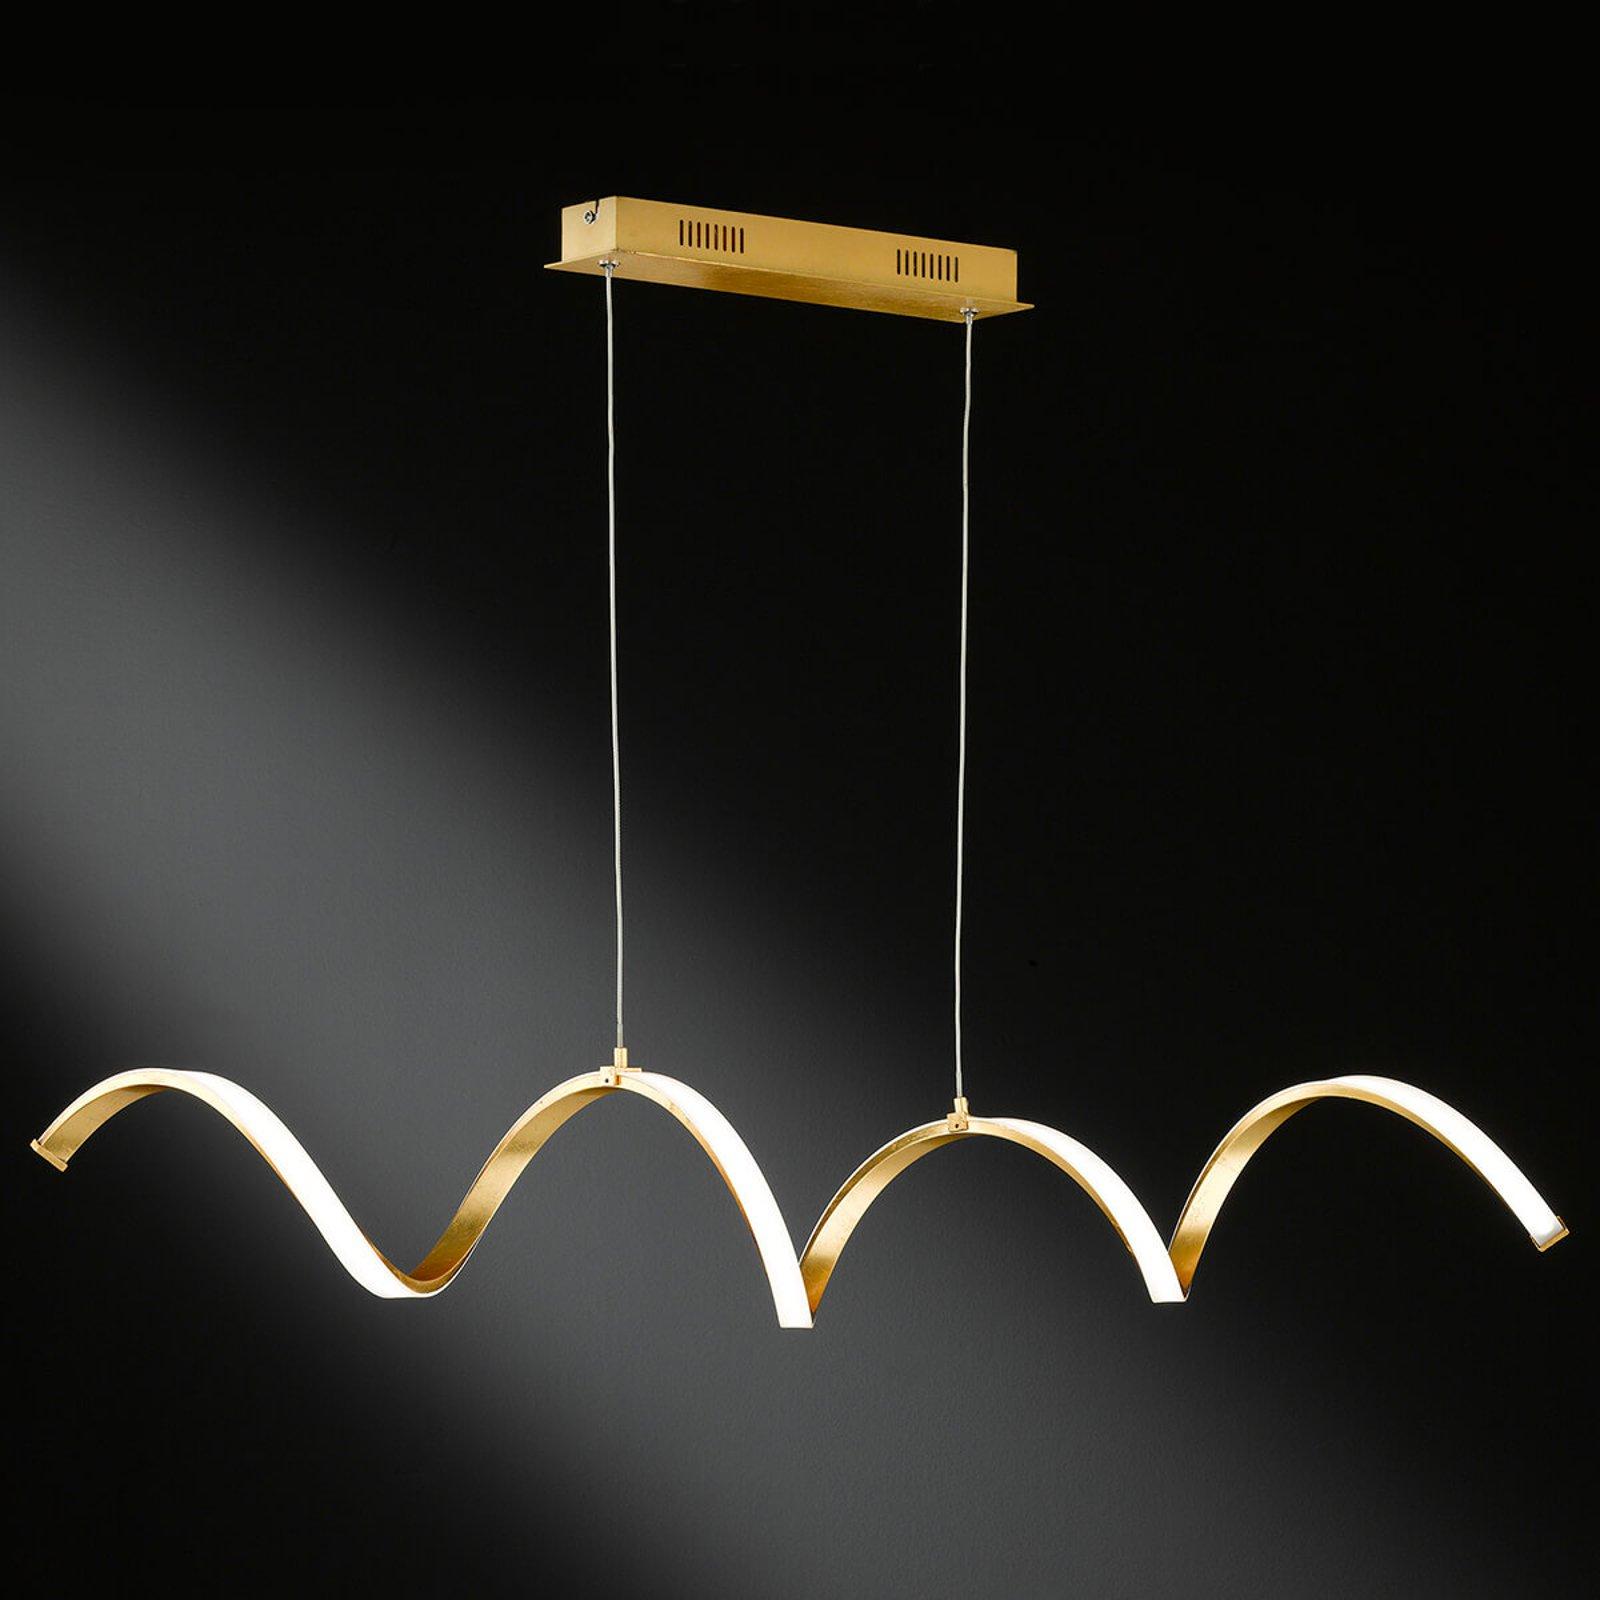 LED-hengelampe Russell i edel gulltone